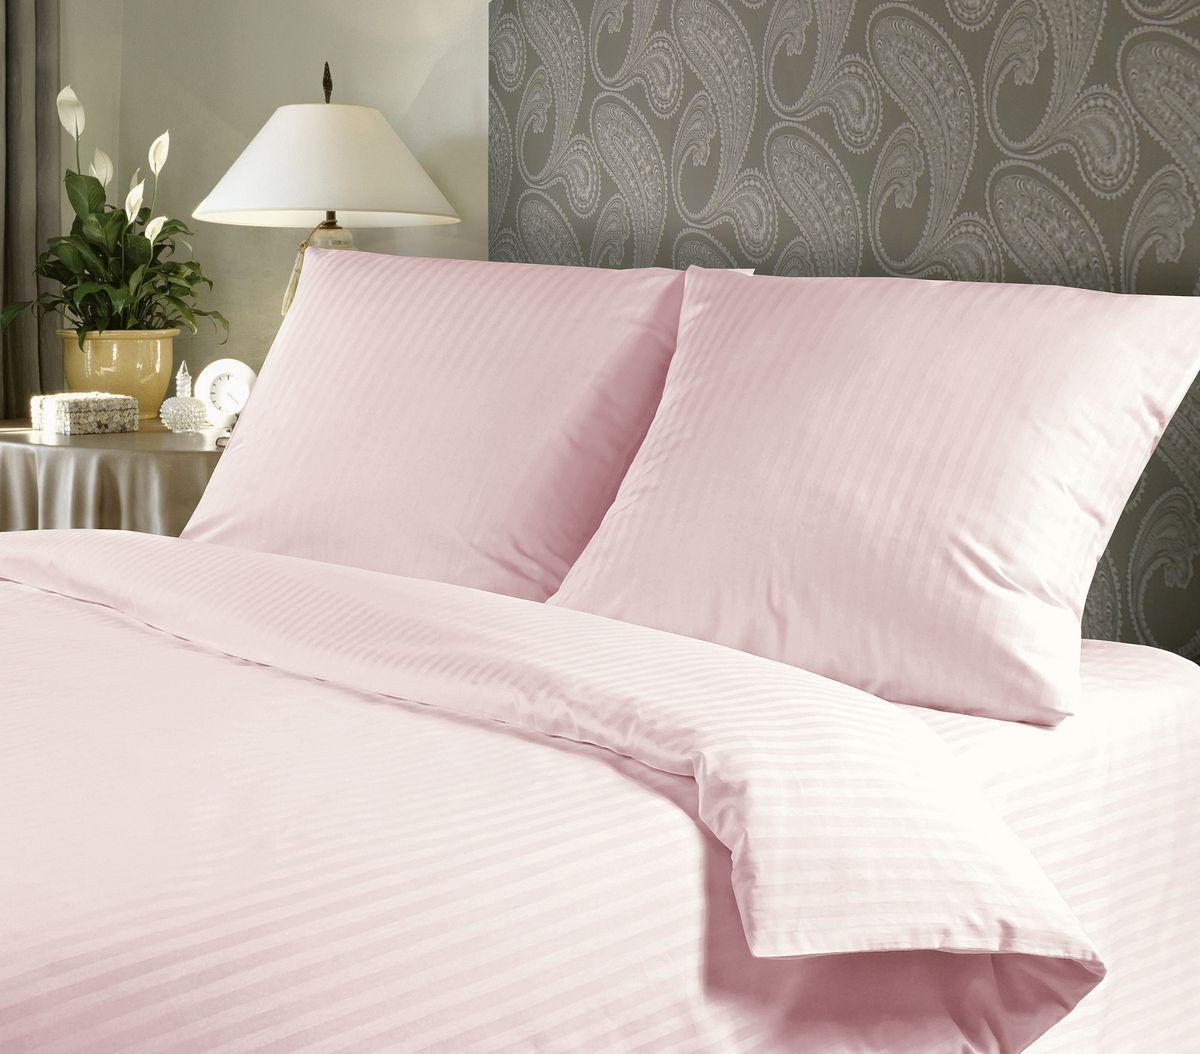 Комплект белья Verossa, семейный, наволочки 50х70, 70х70, цвет: розовый192842Сатин - настоящая роскошь для любителей понежиться в постели. Вас манит его блеск, завораживает гладкость, ласкает мягкость, и каждая минута с ним - истинное наслаждение. Тонкая пряжа и атласное переплетение нитей обеспечивают сатину мягкость и деликатность. Легкий блеск сатина делает дизайны живыми и переливающимися. 100% хлопок, не электризуется и отлично пропускает воздух, ткань дышит. Легко стирается и практически не требует глажения. Не линяет, не изменяет вид после многочисленных стирок.